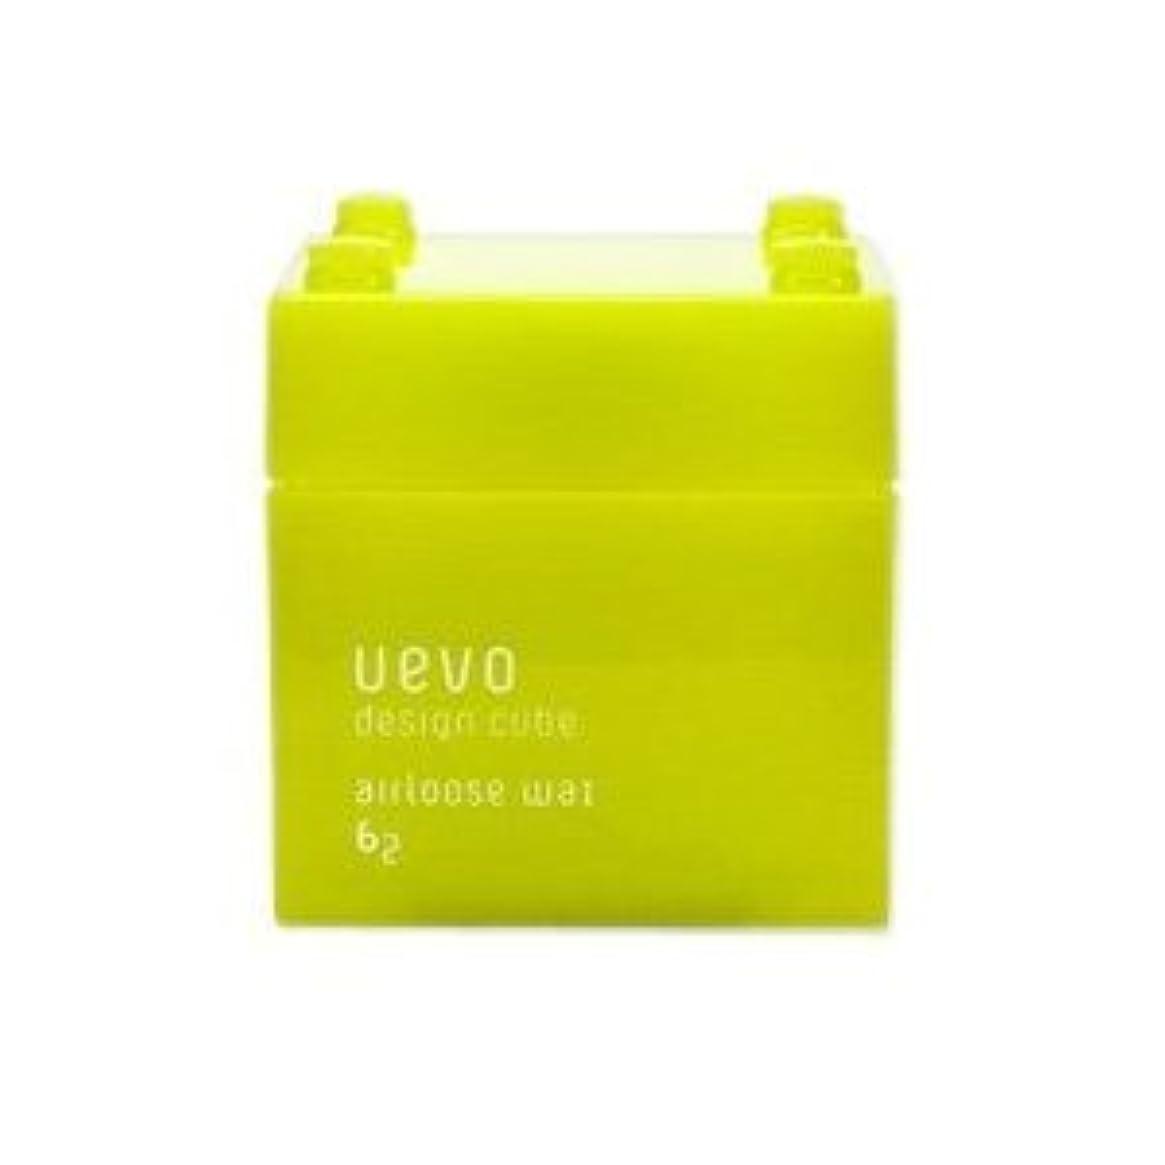 マイクロプロセッサ委員長無臭【X3個セット】 デミ ウェーボ デザインキューブ エアルーズワックス 80g airloose wax DEMI uevo design cube